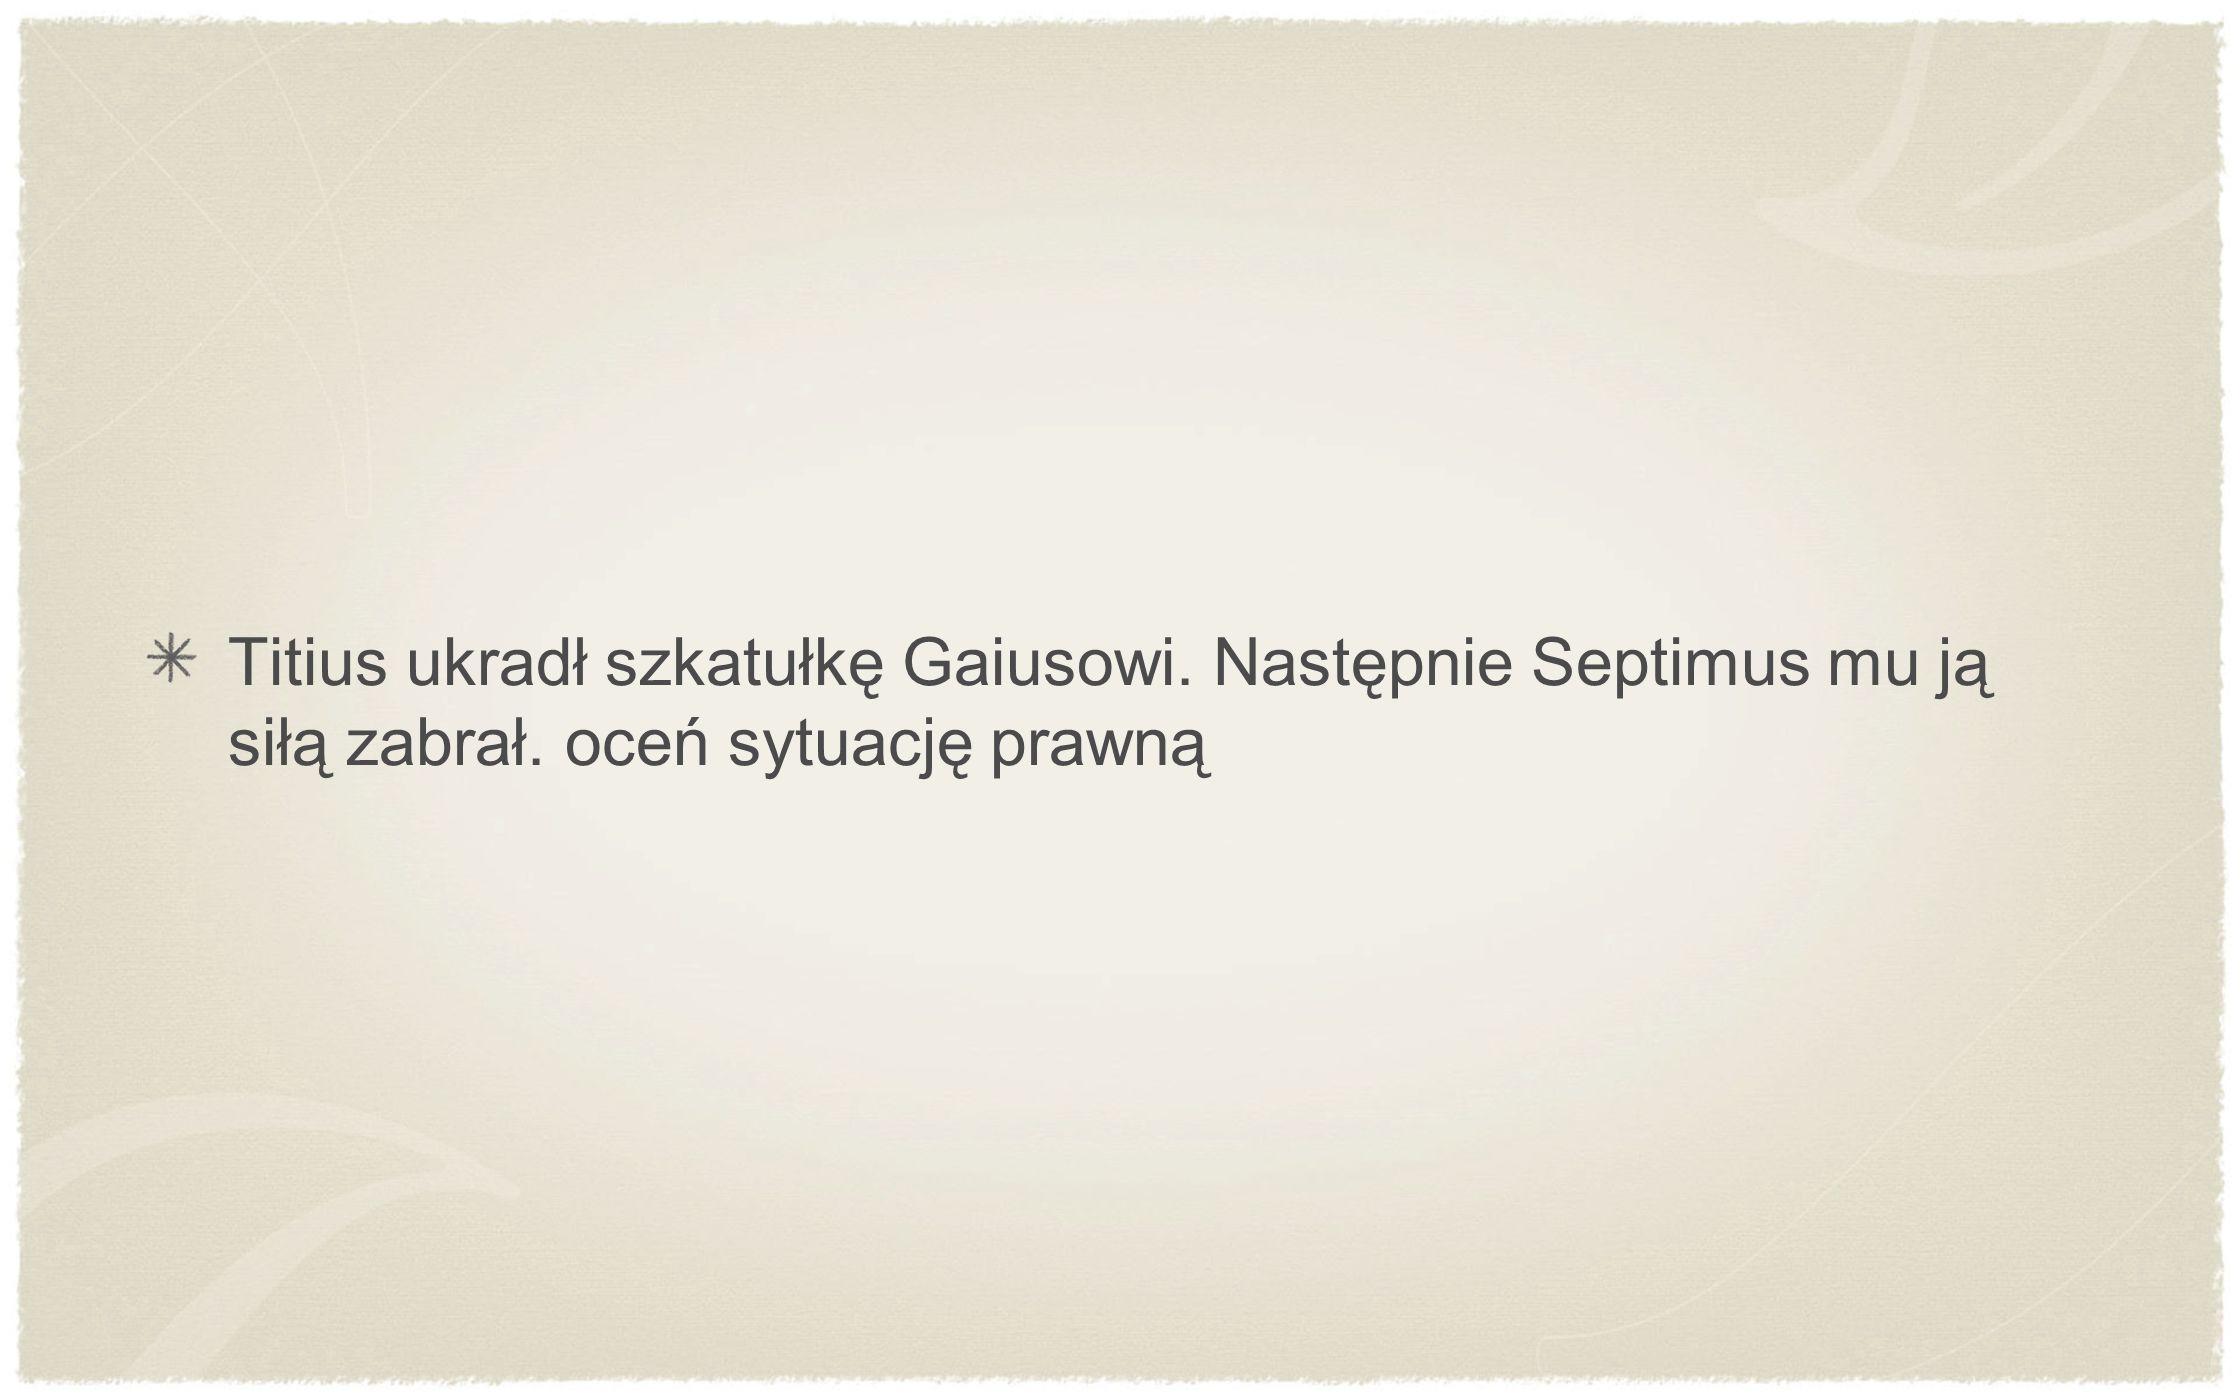 Titius ukradł szkatułkę Gaiusowi. Następnie Septimus mu ją siłą zabrał. oceń sytuację prawną